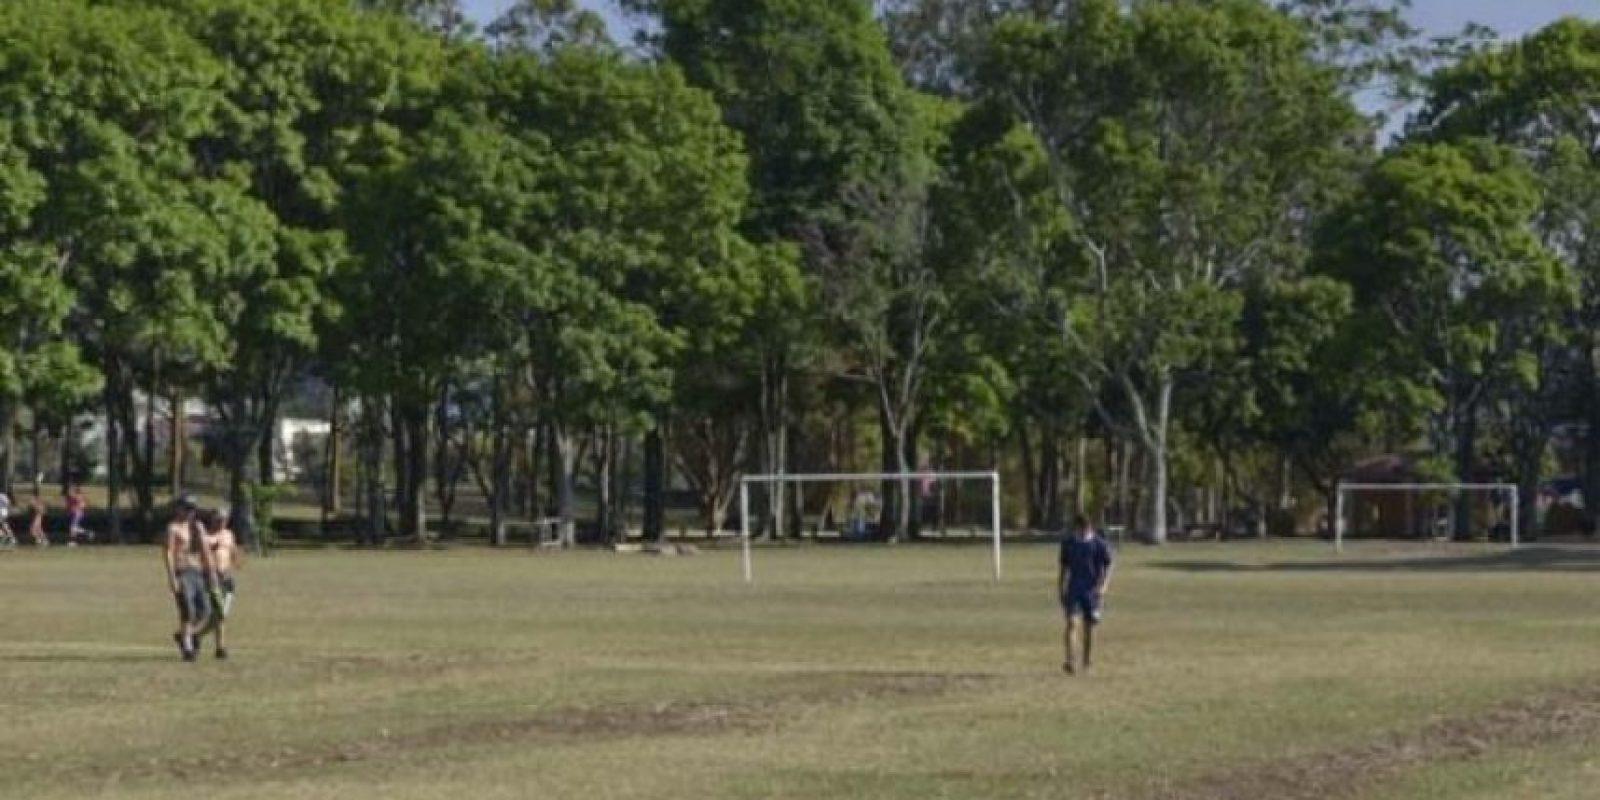 : El Parque Metropolitano de La Sabana tiene unos 10 campos de futbol, además de canchas de baloncesto, tenis y resbaladeros, entre otros. Foto:Mynor Arita, enviado especial